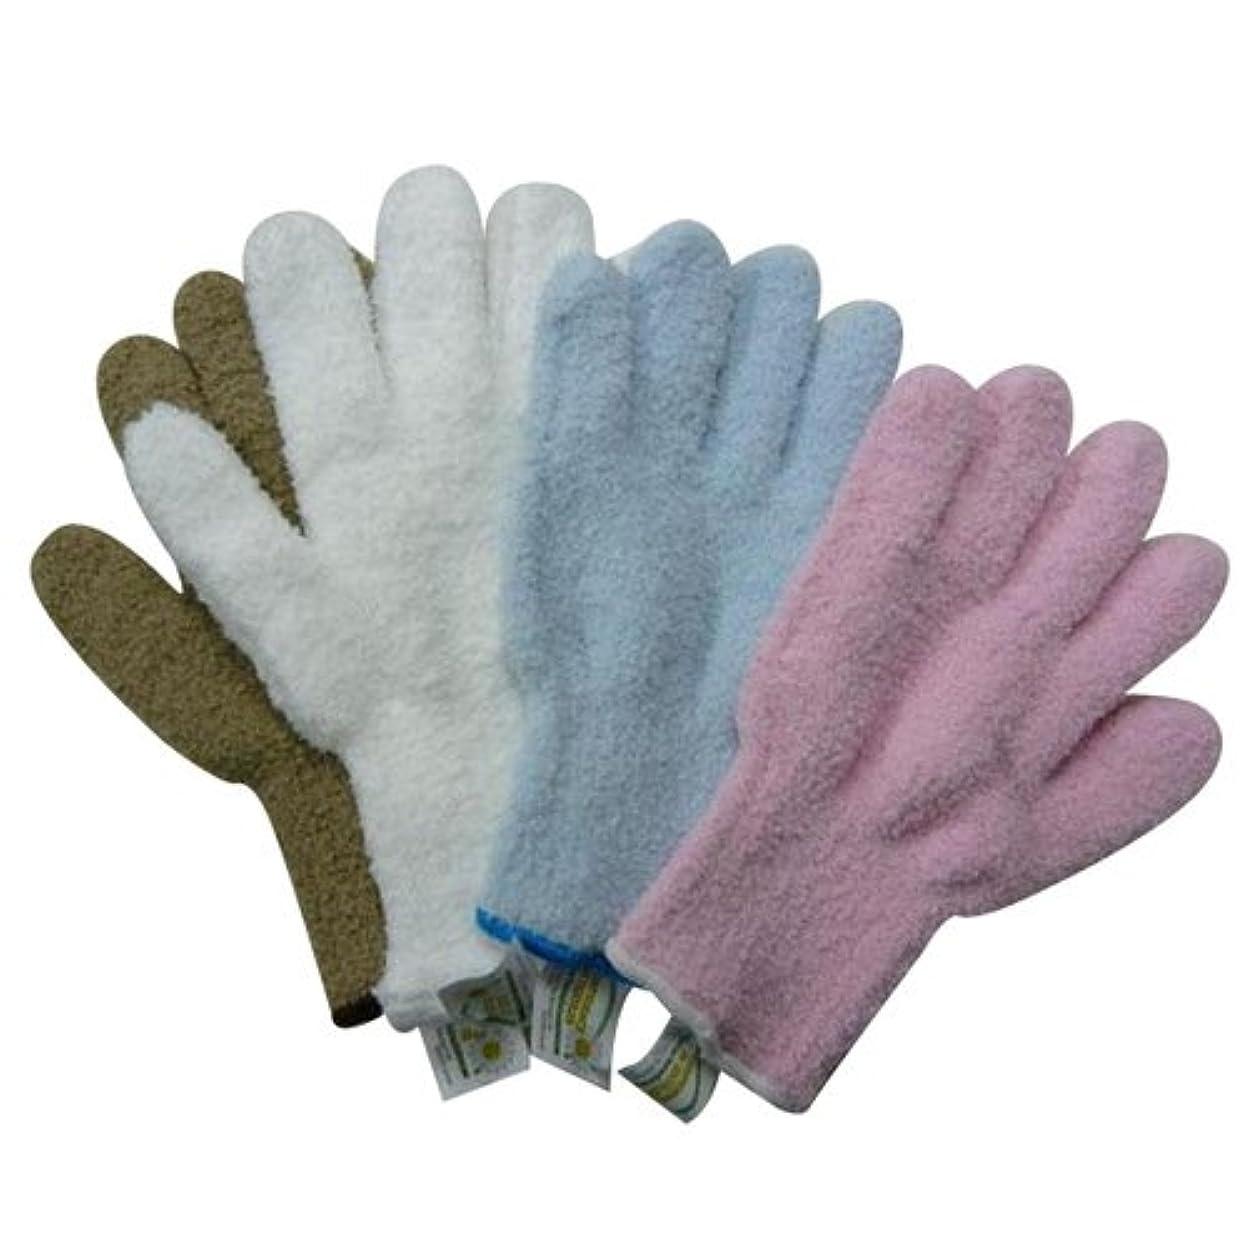 単調なテナント広々としたウルトラ?マイクロファイバー手袋 エコテックスタグ付き×4色セット(KE702-WH?SB?BE?PK) 5007an